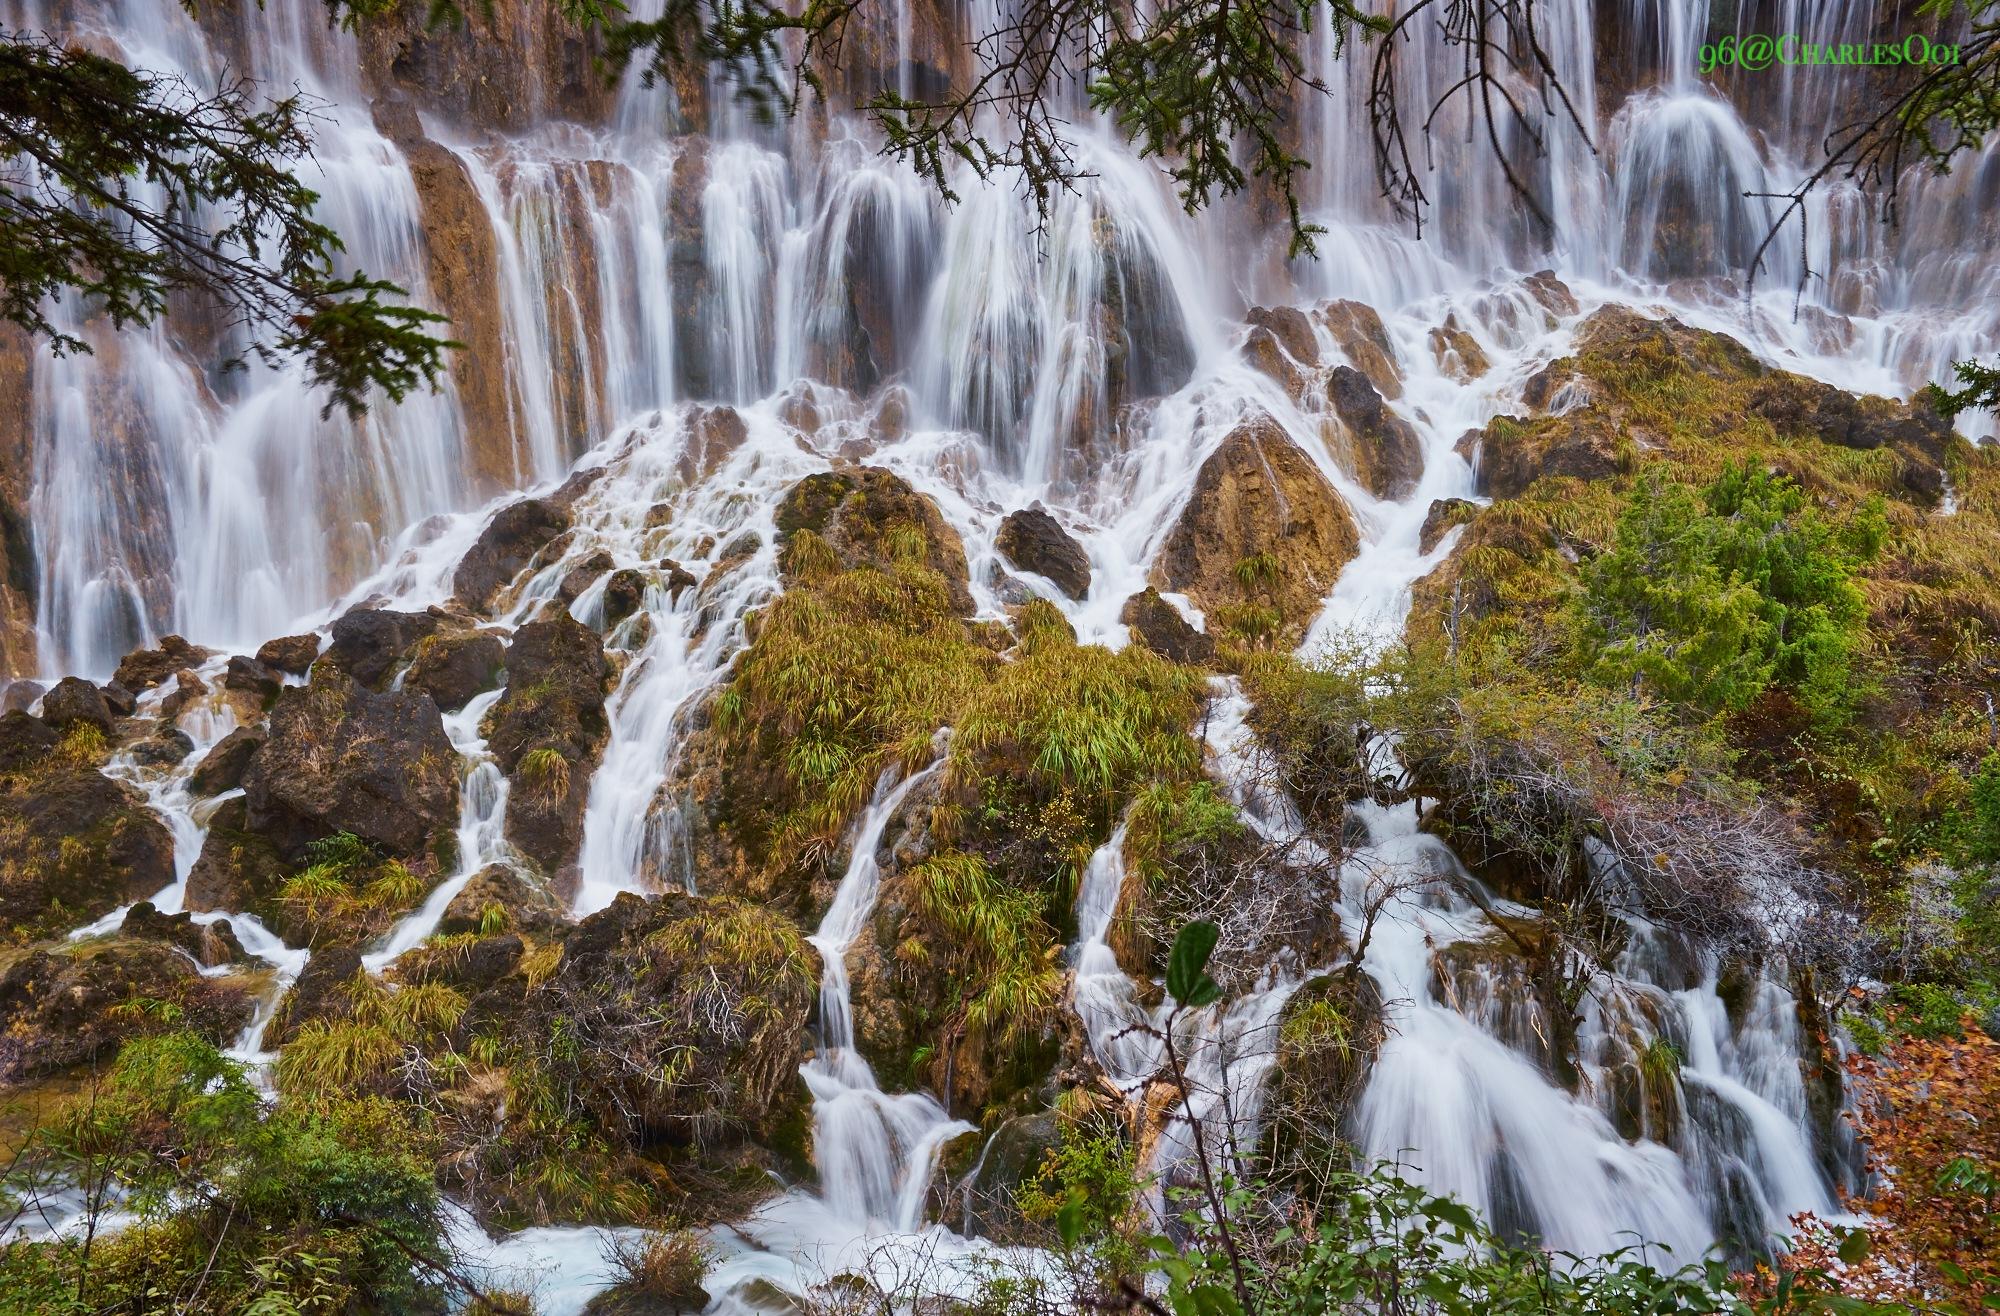 Amazing Waterfall by CharlesOoi6